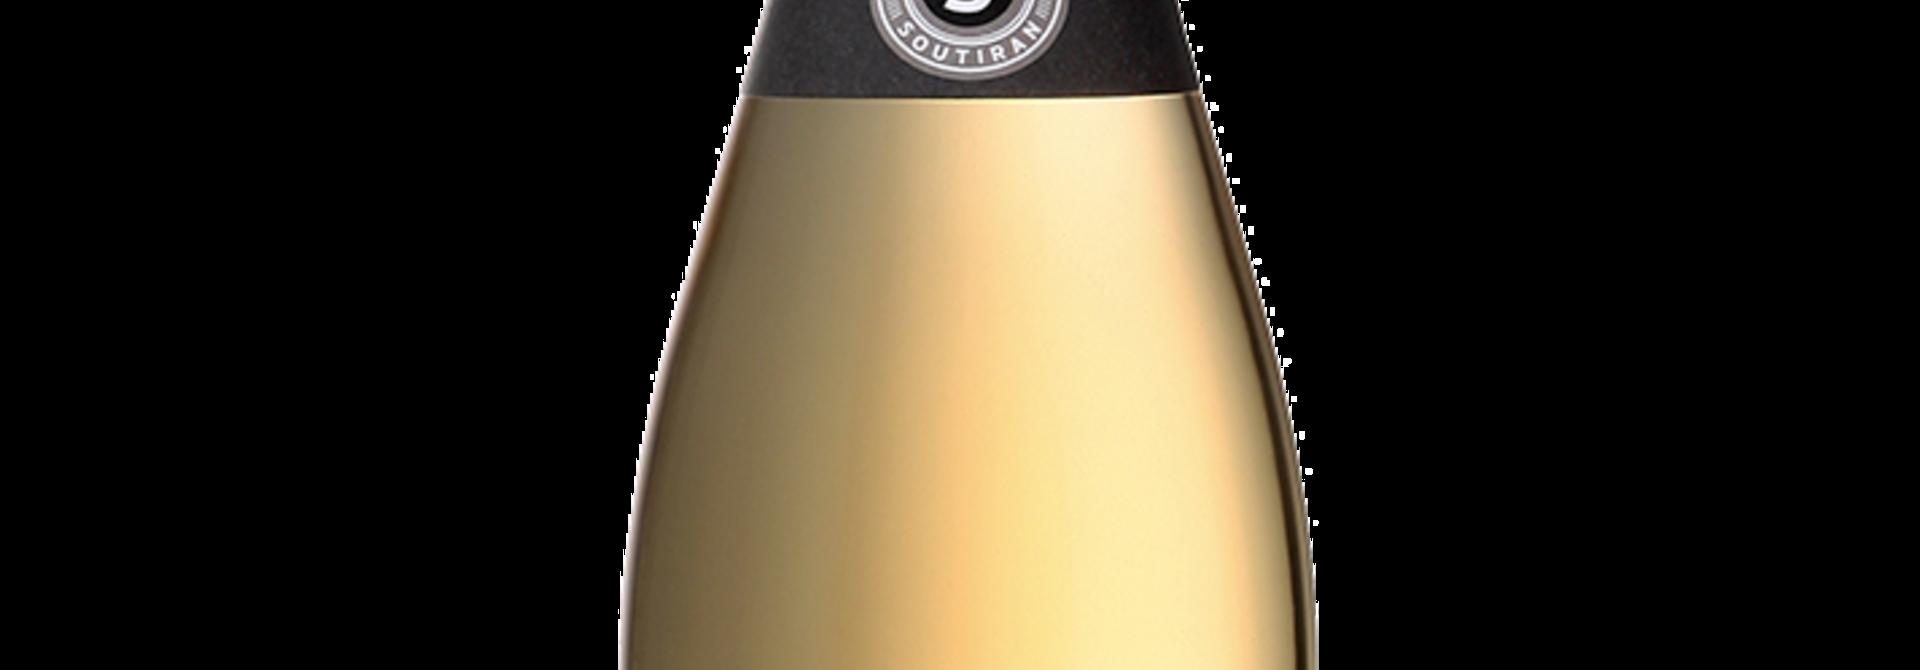 Champagne Soutiran Cuvee Perle Noir Brut Grand Cru